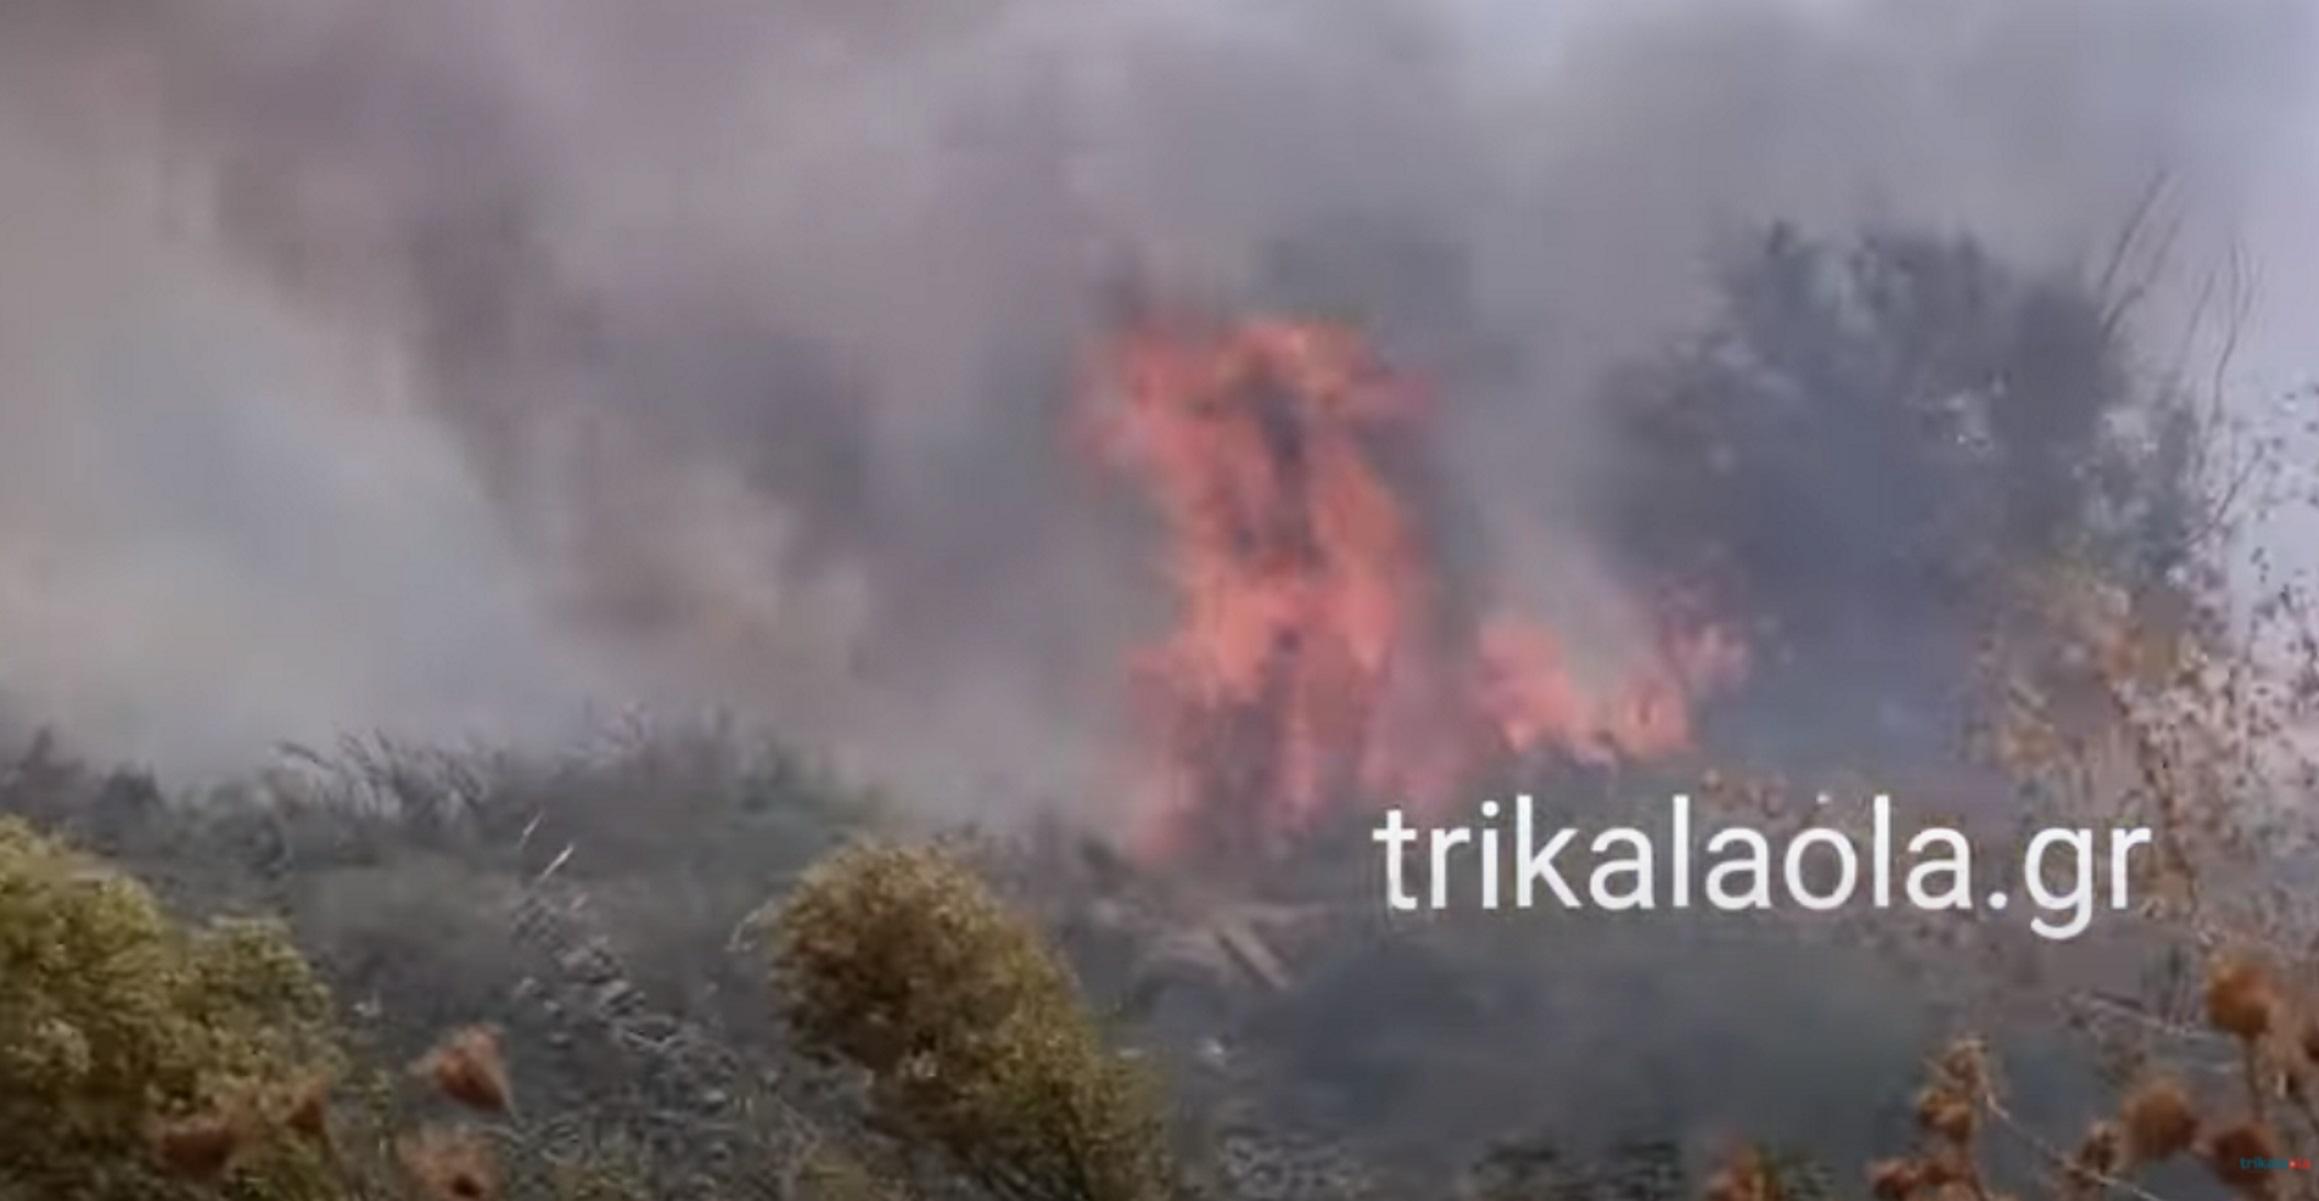 Φωτιά στα Τρίκαλα: Πυκνοί καπνοί σκέπασαν το Μικρό Κεφαλόβρυσο – Δέντρα τυλίχτηκαν στις φλόγες